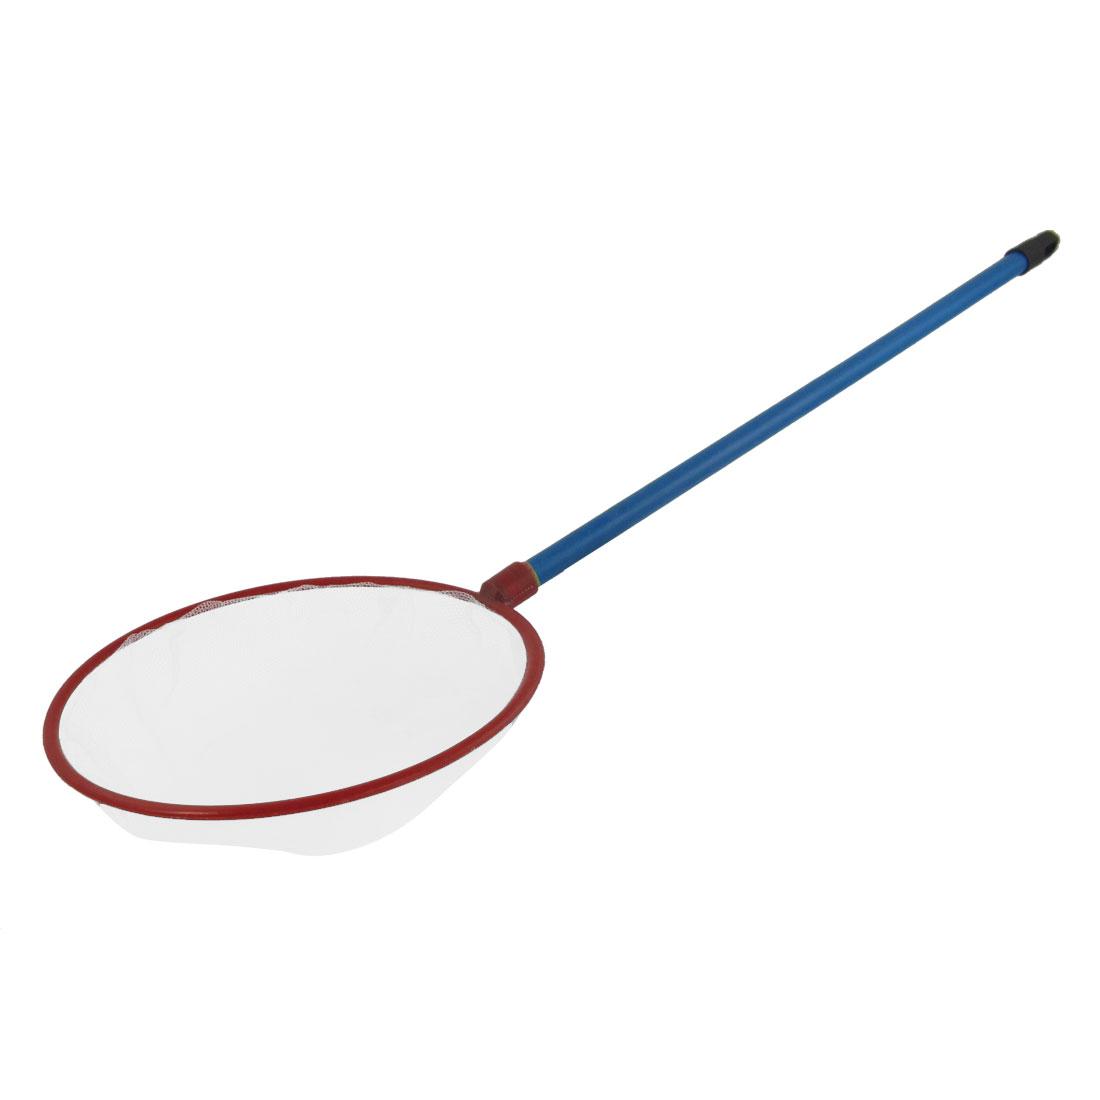 """Red 7.3"""" Diameter Round Rim Blue Handle Meshy Fish Landing Net"""